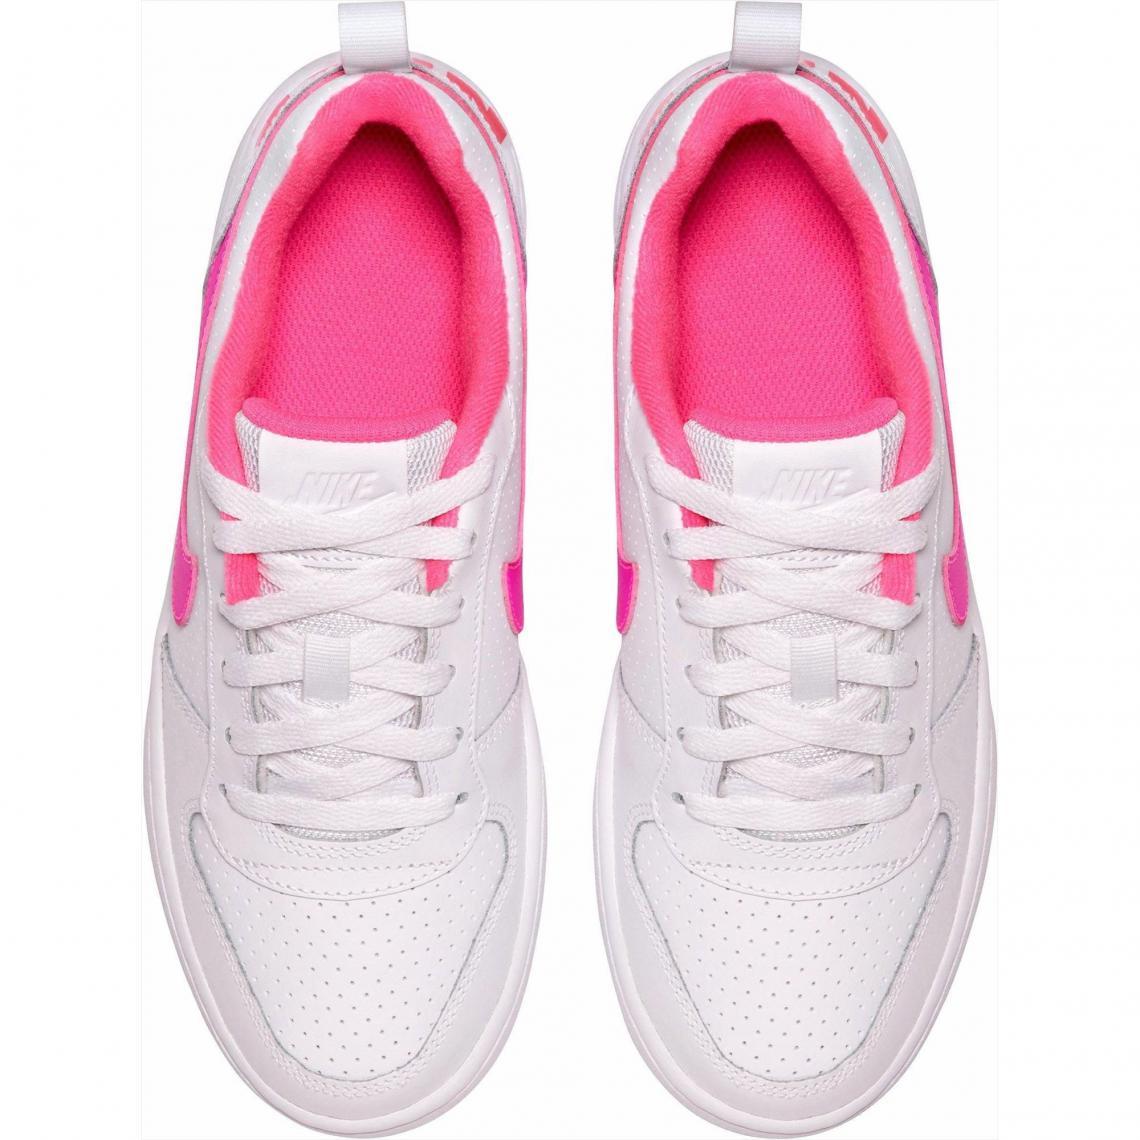 4591627e897d2 Baskets fille sportswear de Nike - Blanc - Rose Nike